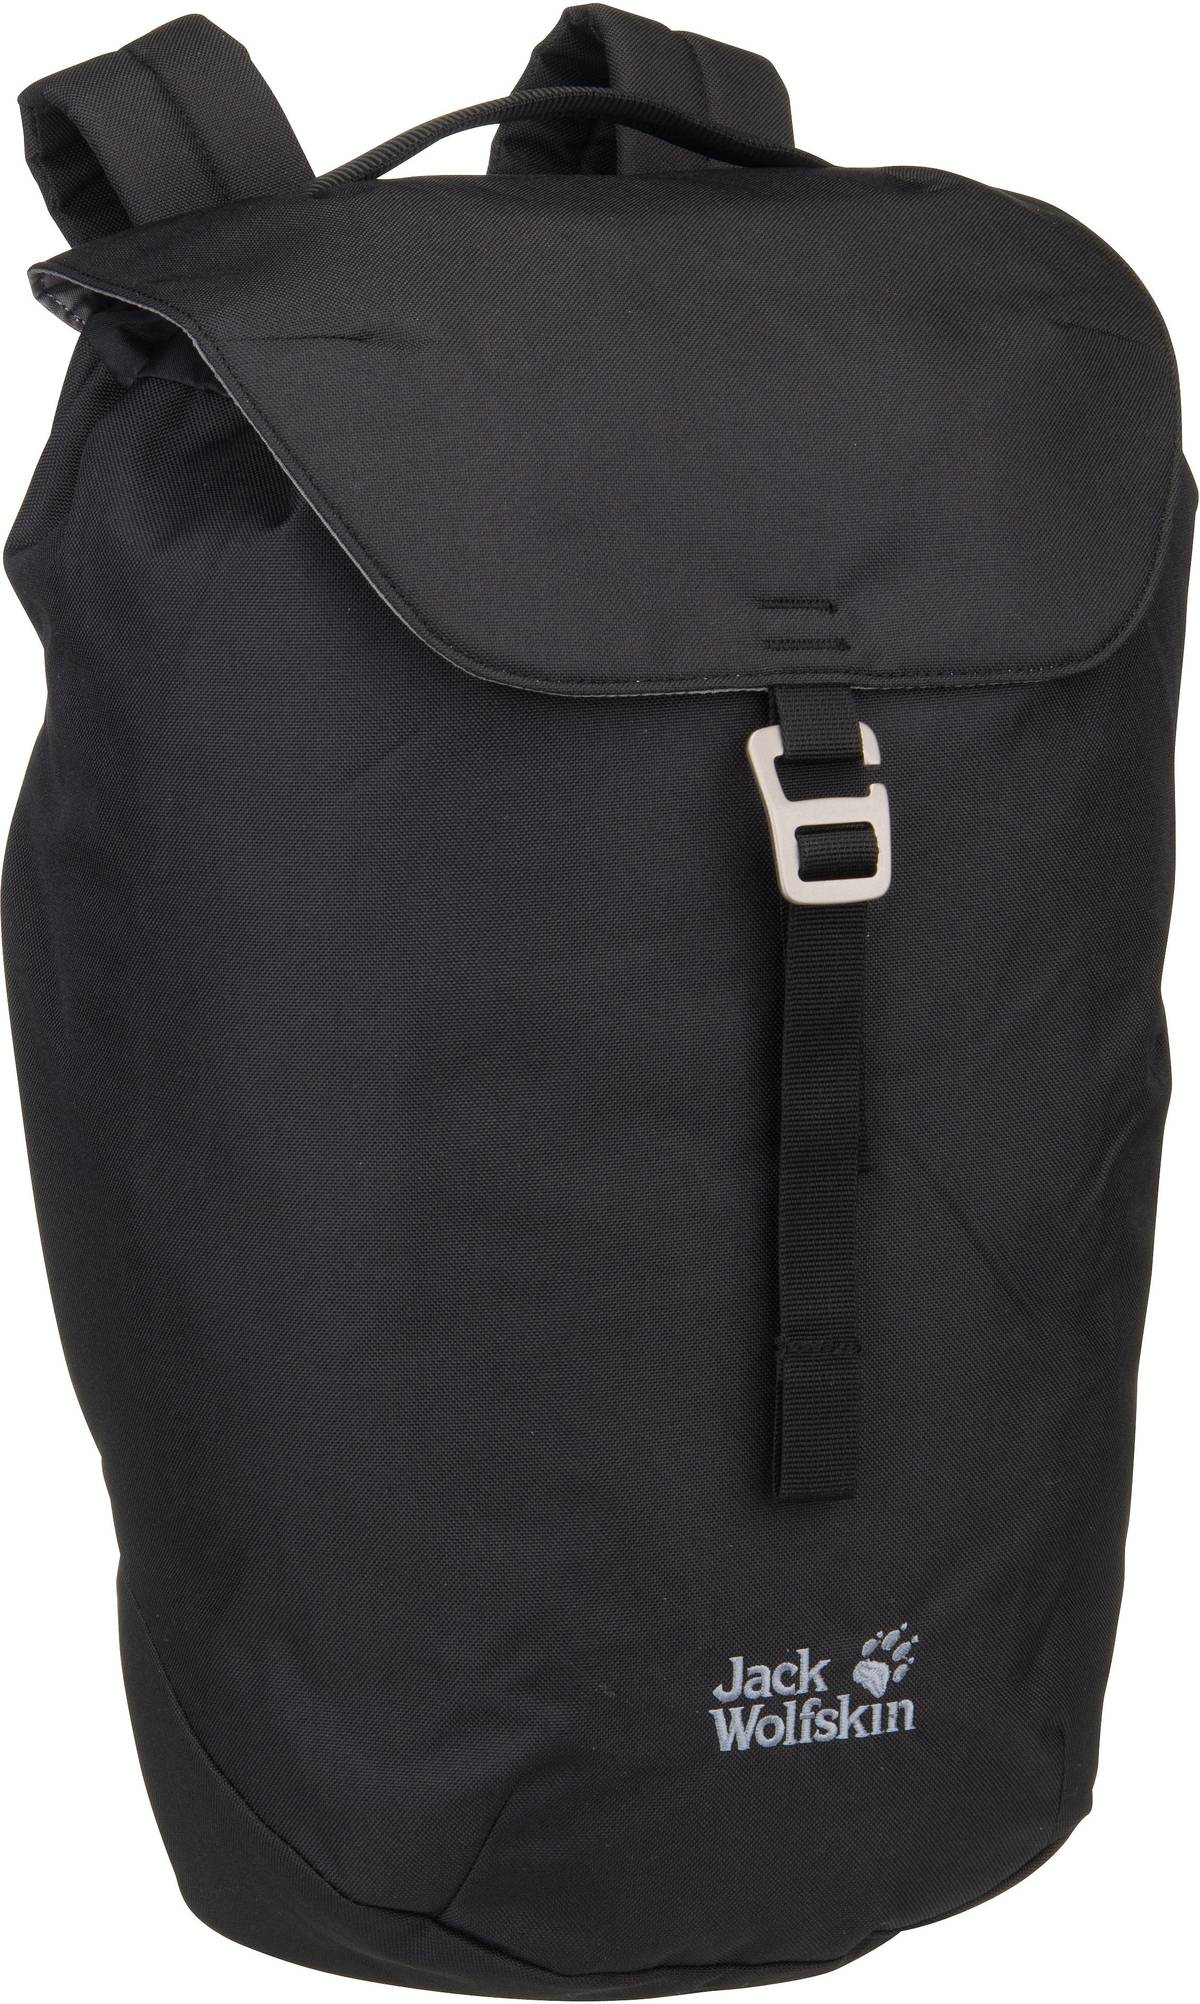 Rucksack / Daypack Kado 20 Black